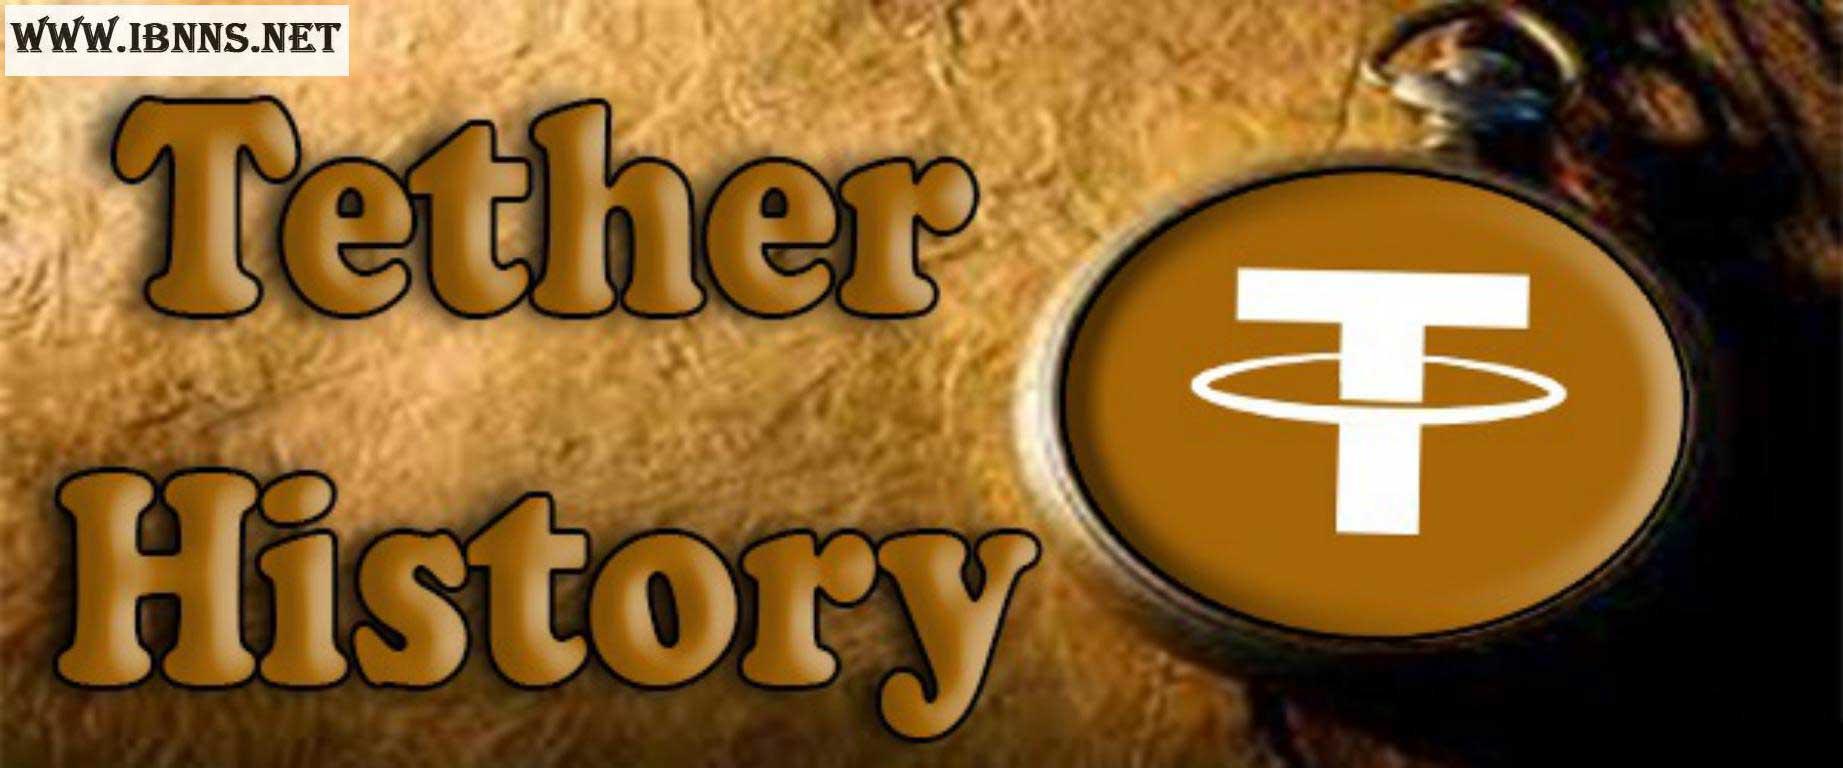 تاریخچه ی تتر   ارز دیجیتال تتر چیست؟